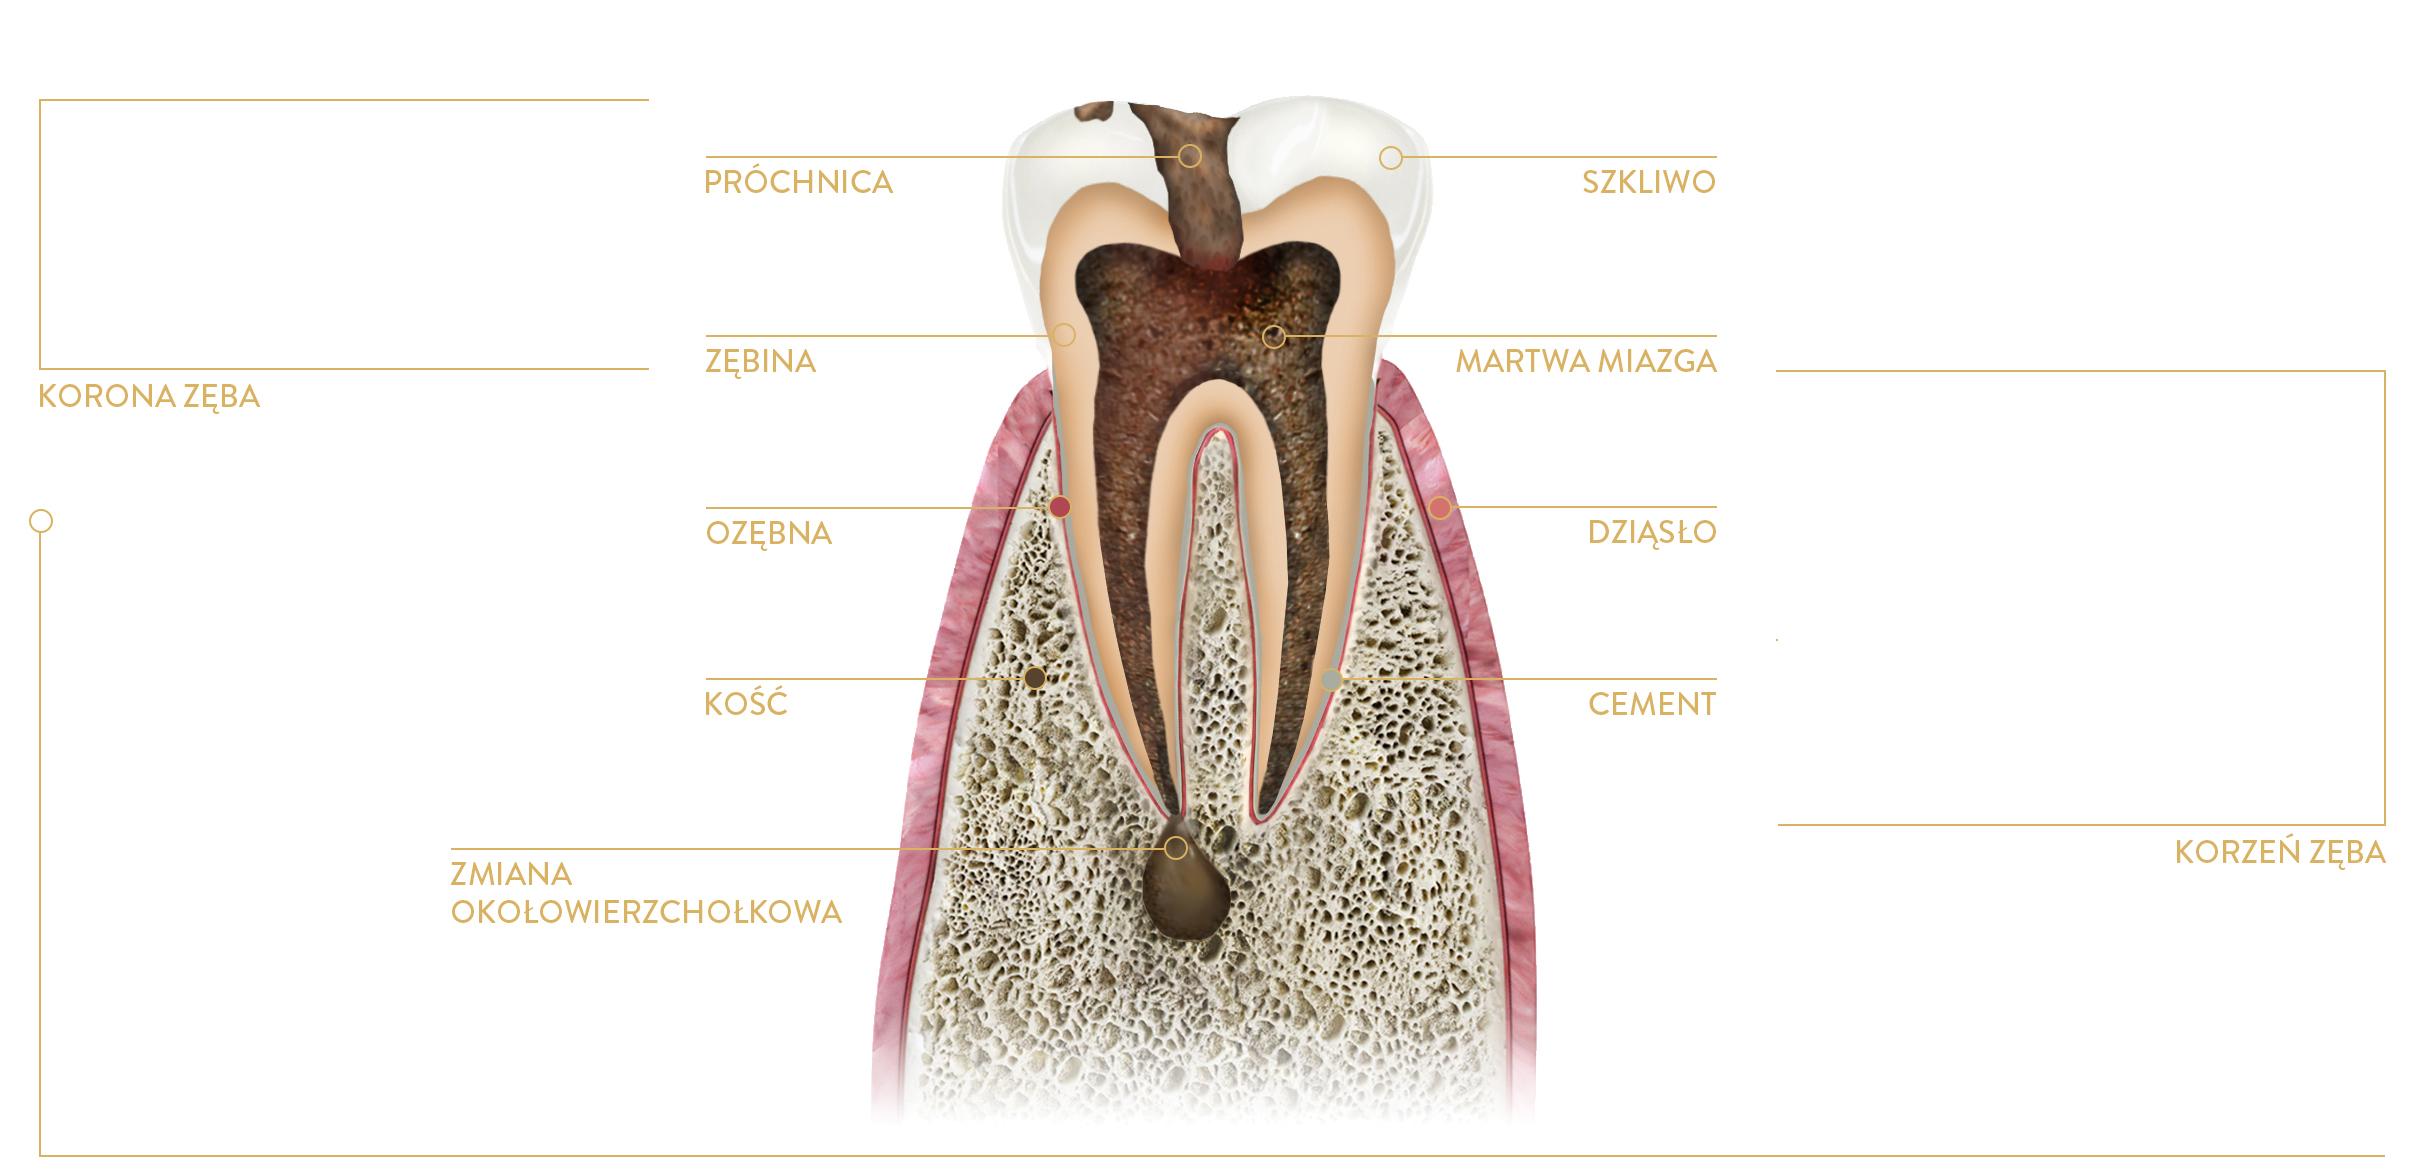 leczenie kanałowe zęba kraków